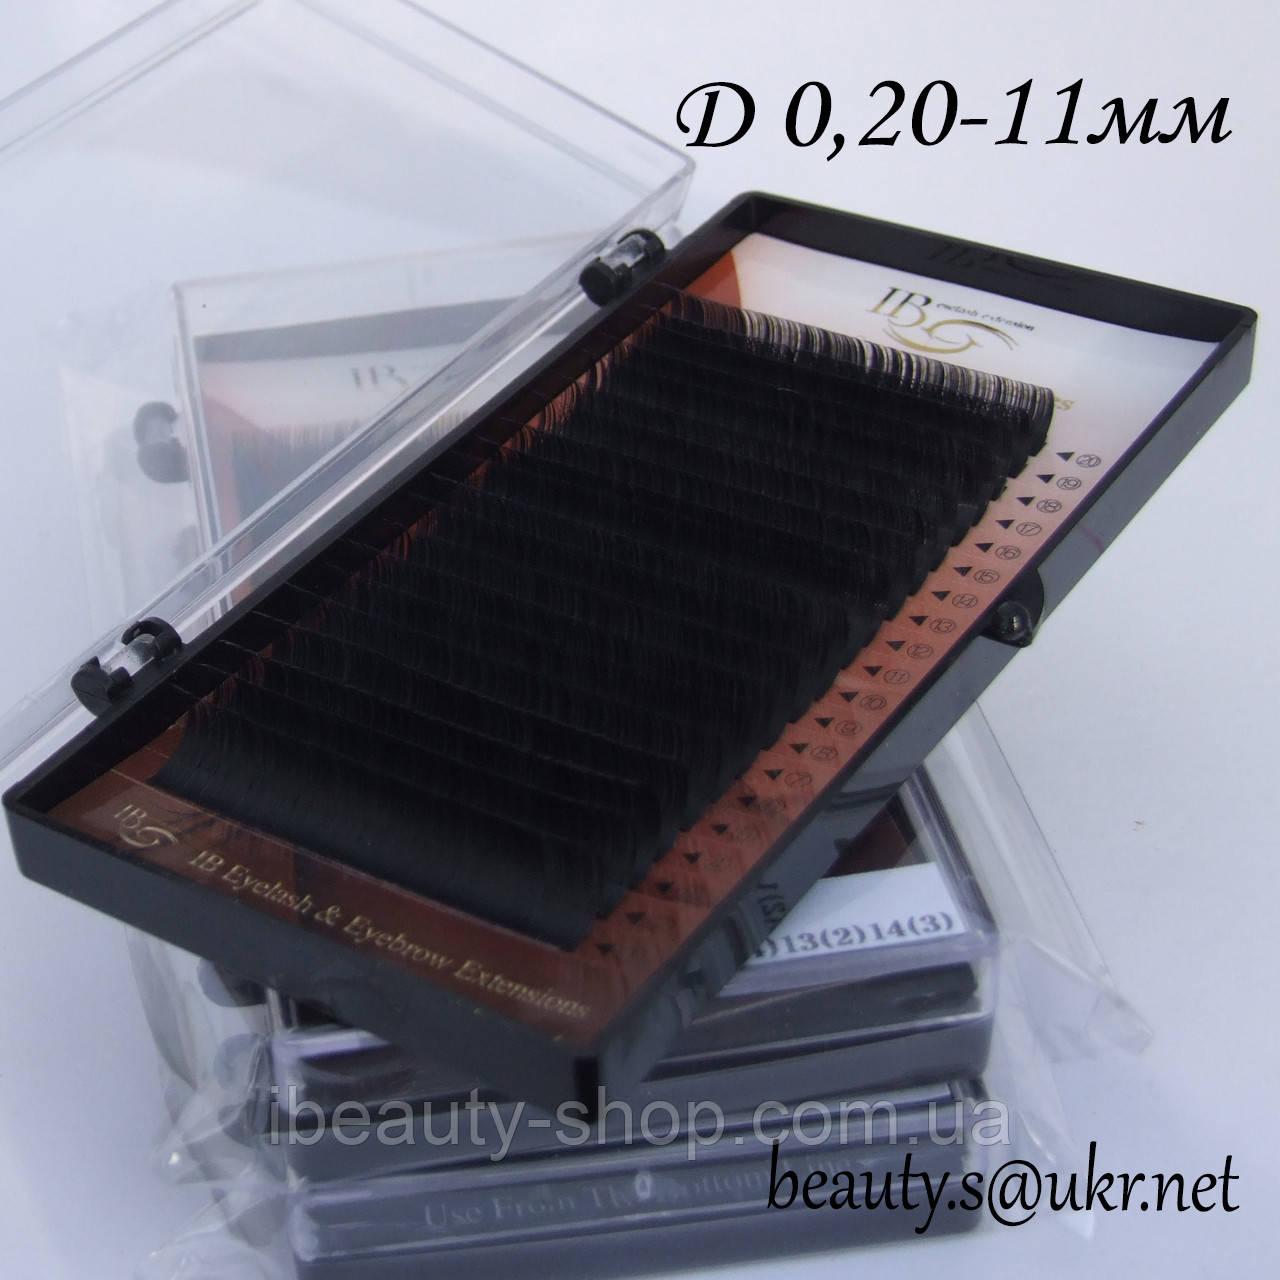 Ресницы  I-Beauty на ленте D-0,20 11мм